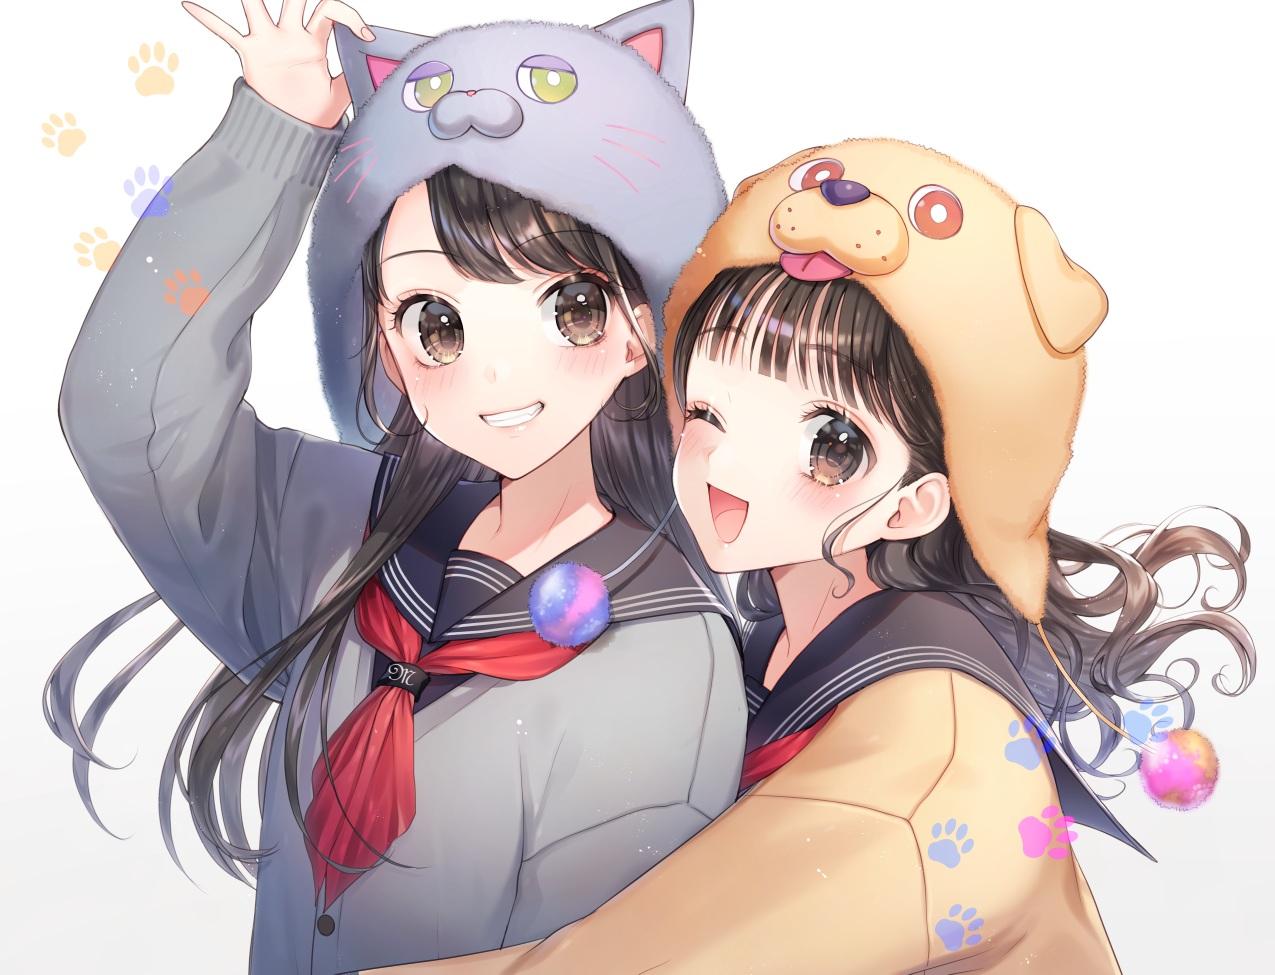 18girls animal ears black hair brown eyes brown hair close hat hug ...